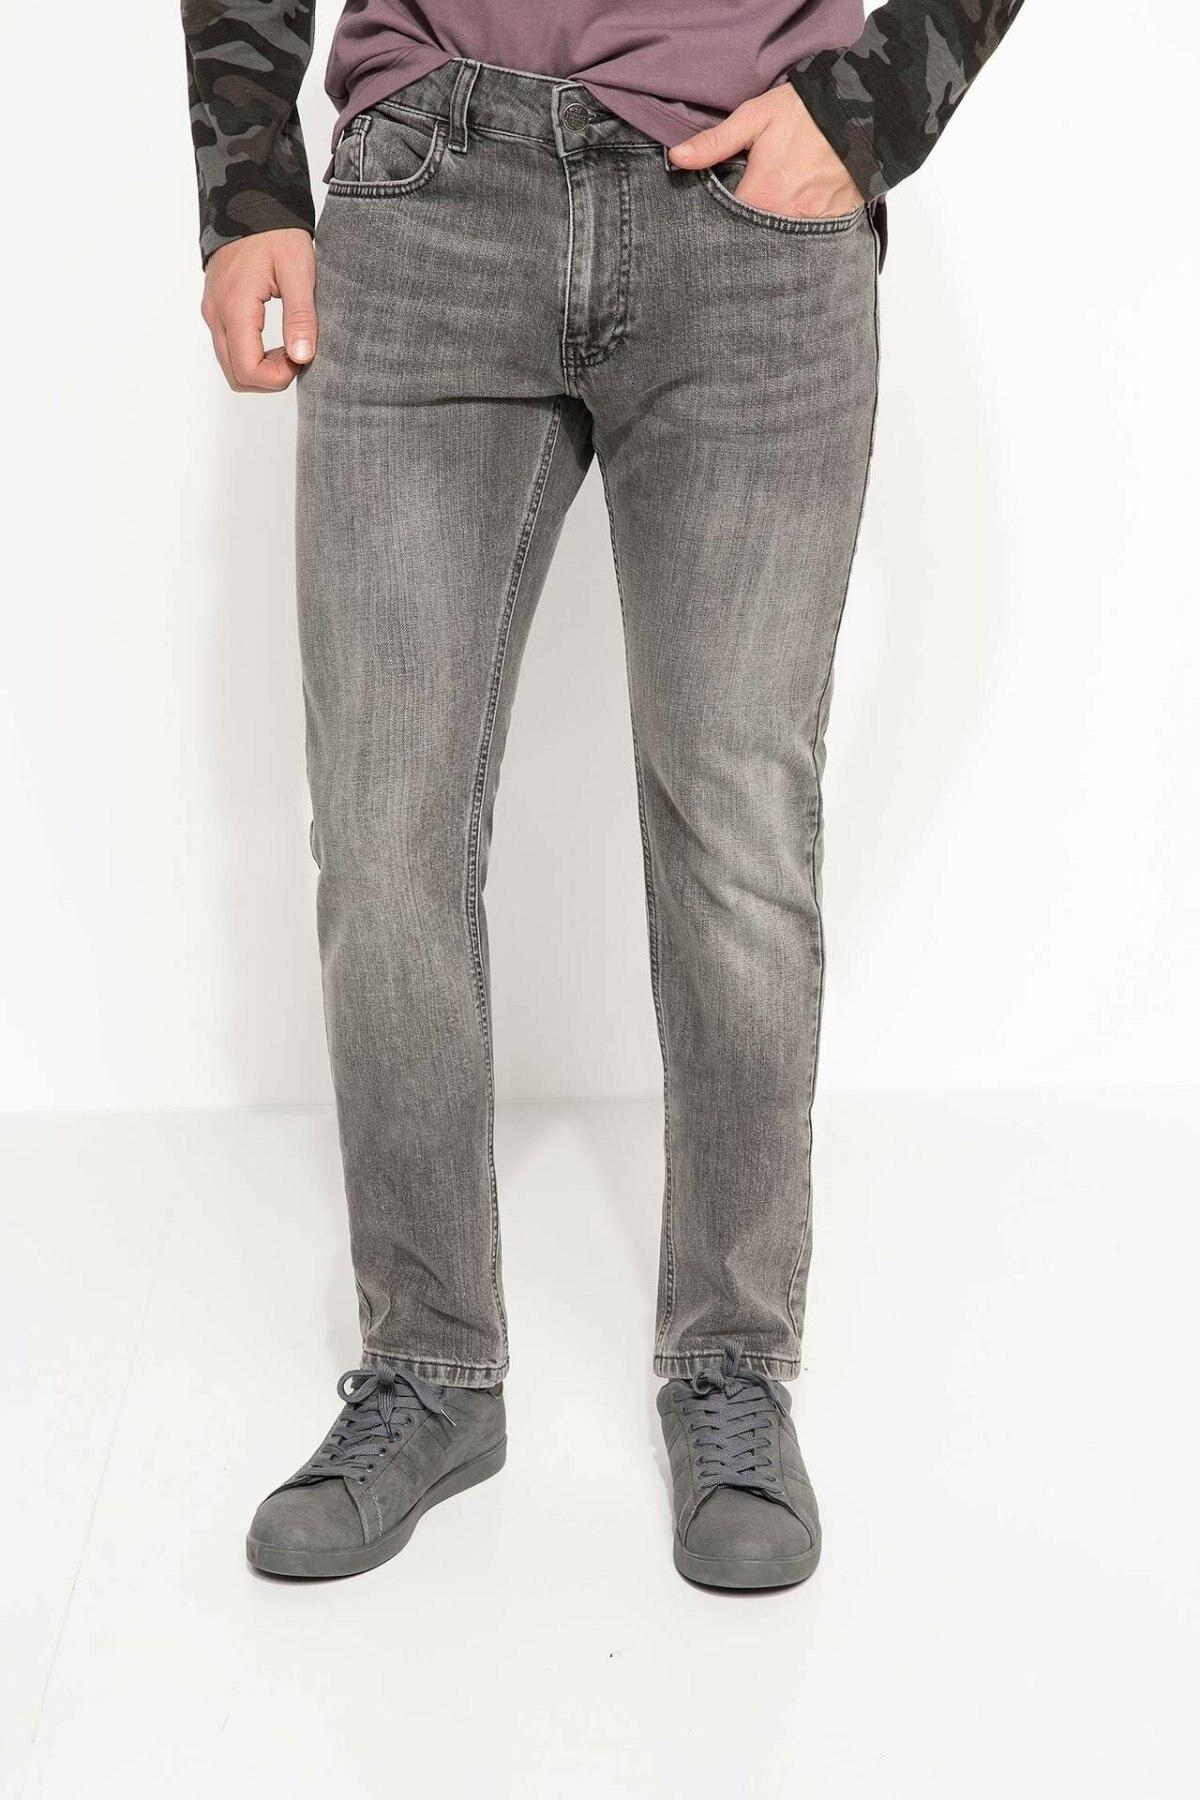 DeFacto Man Washed Denim Jeans Men Straight Mid-waist Long Denim Pants Trousers Male Pockets Bottoms-H2470AZ17AU